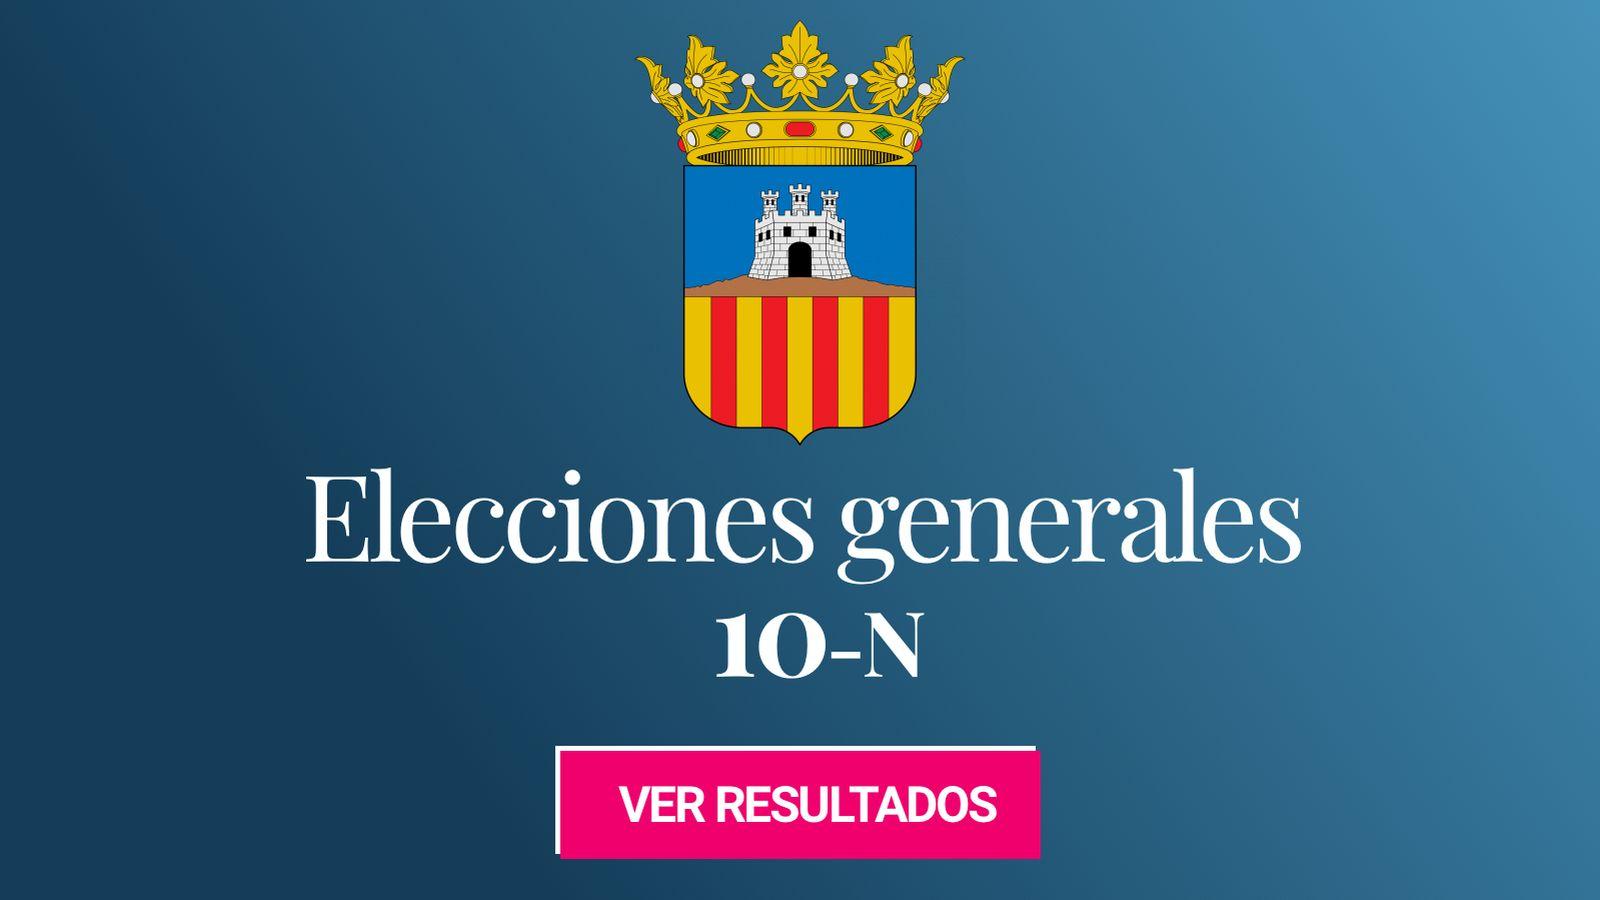 Foto: Elecciones generales 2019 en la provincia de Castellón. (C.C./HansenBCN)